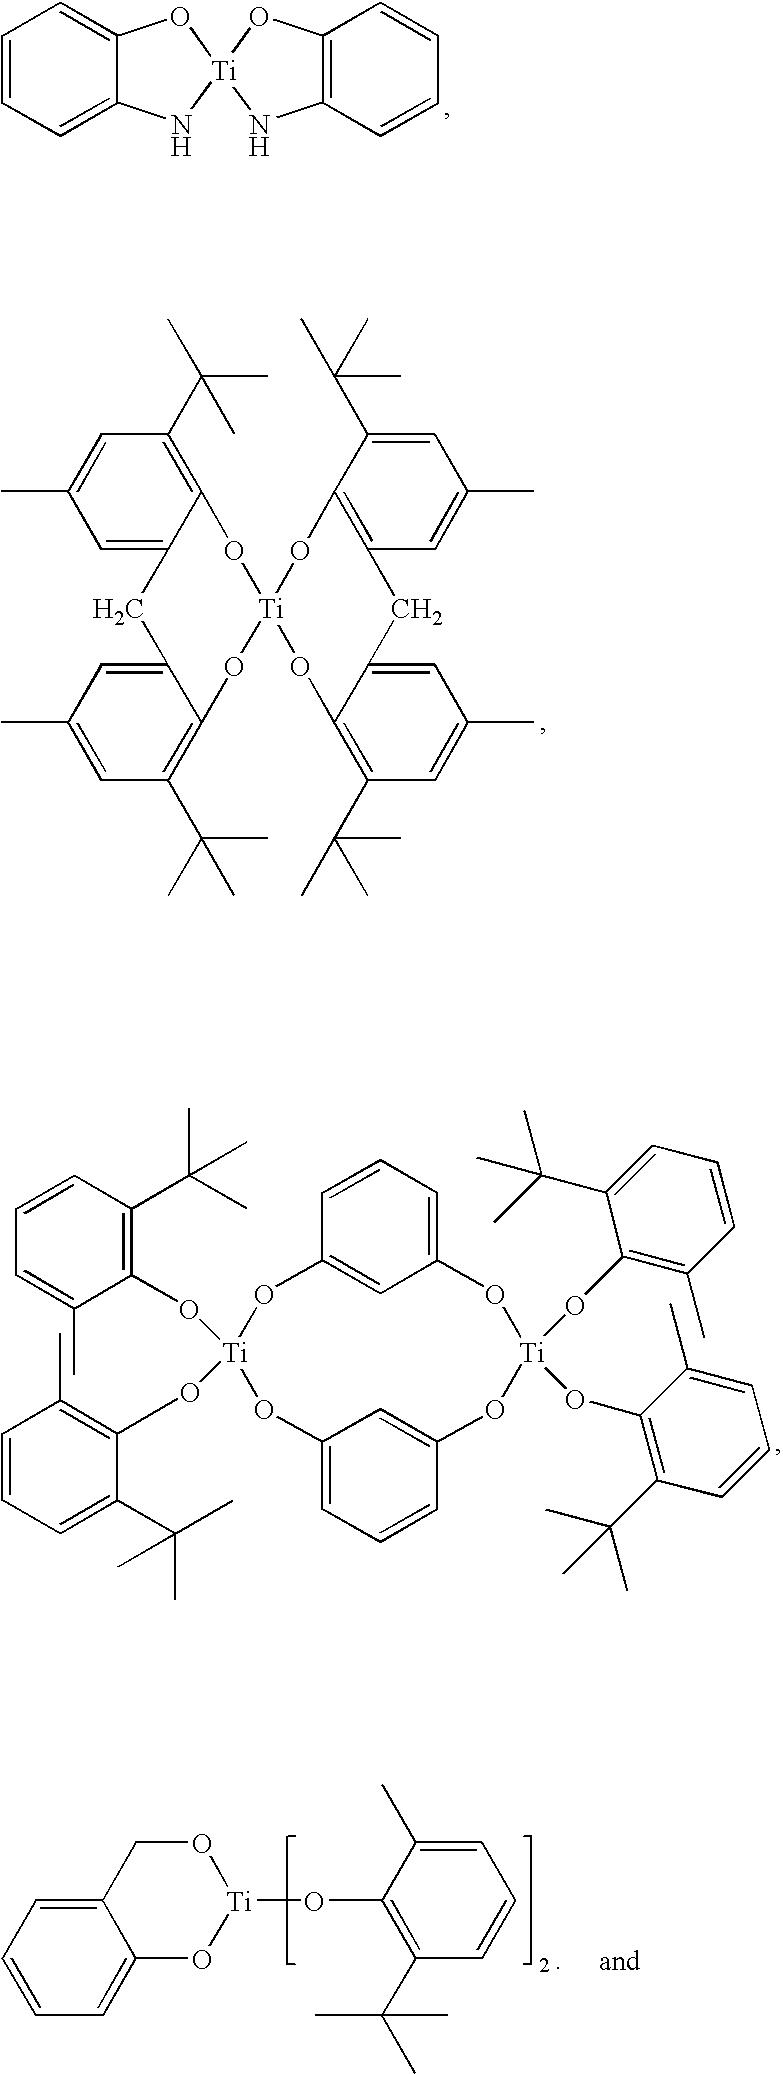 Figure US20050227861A1-20051013-C00024